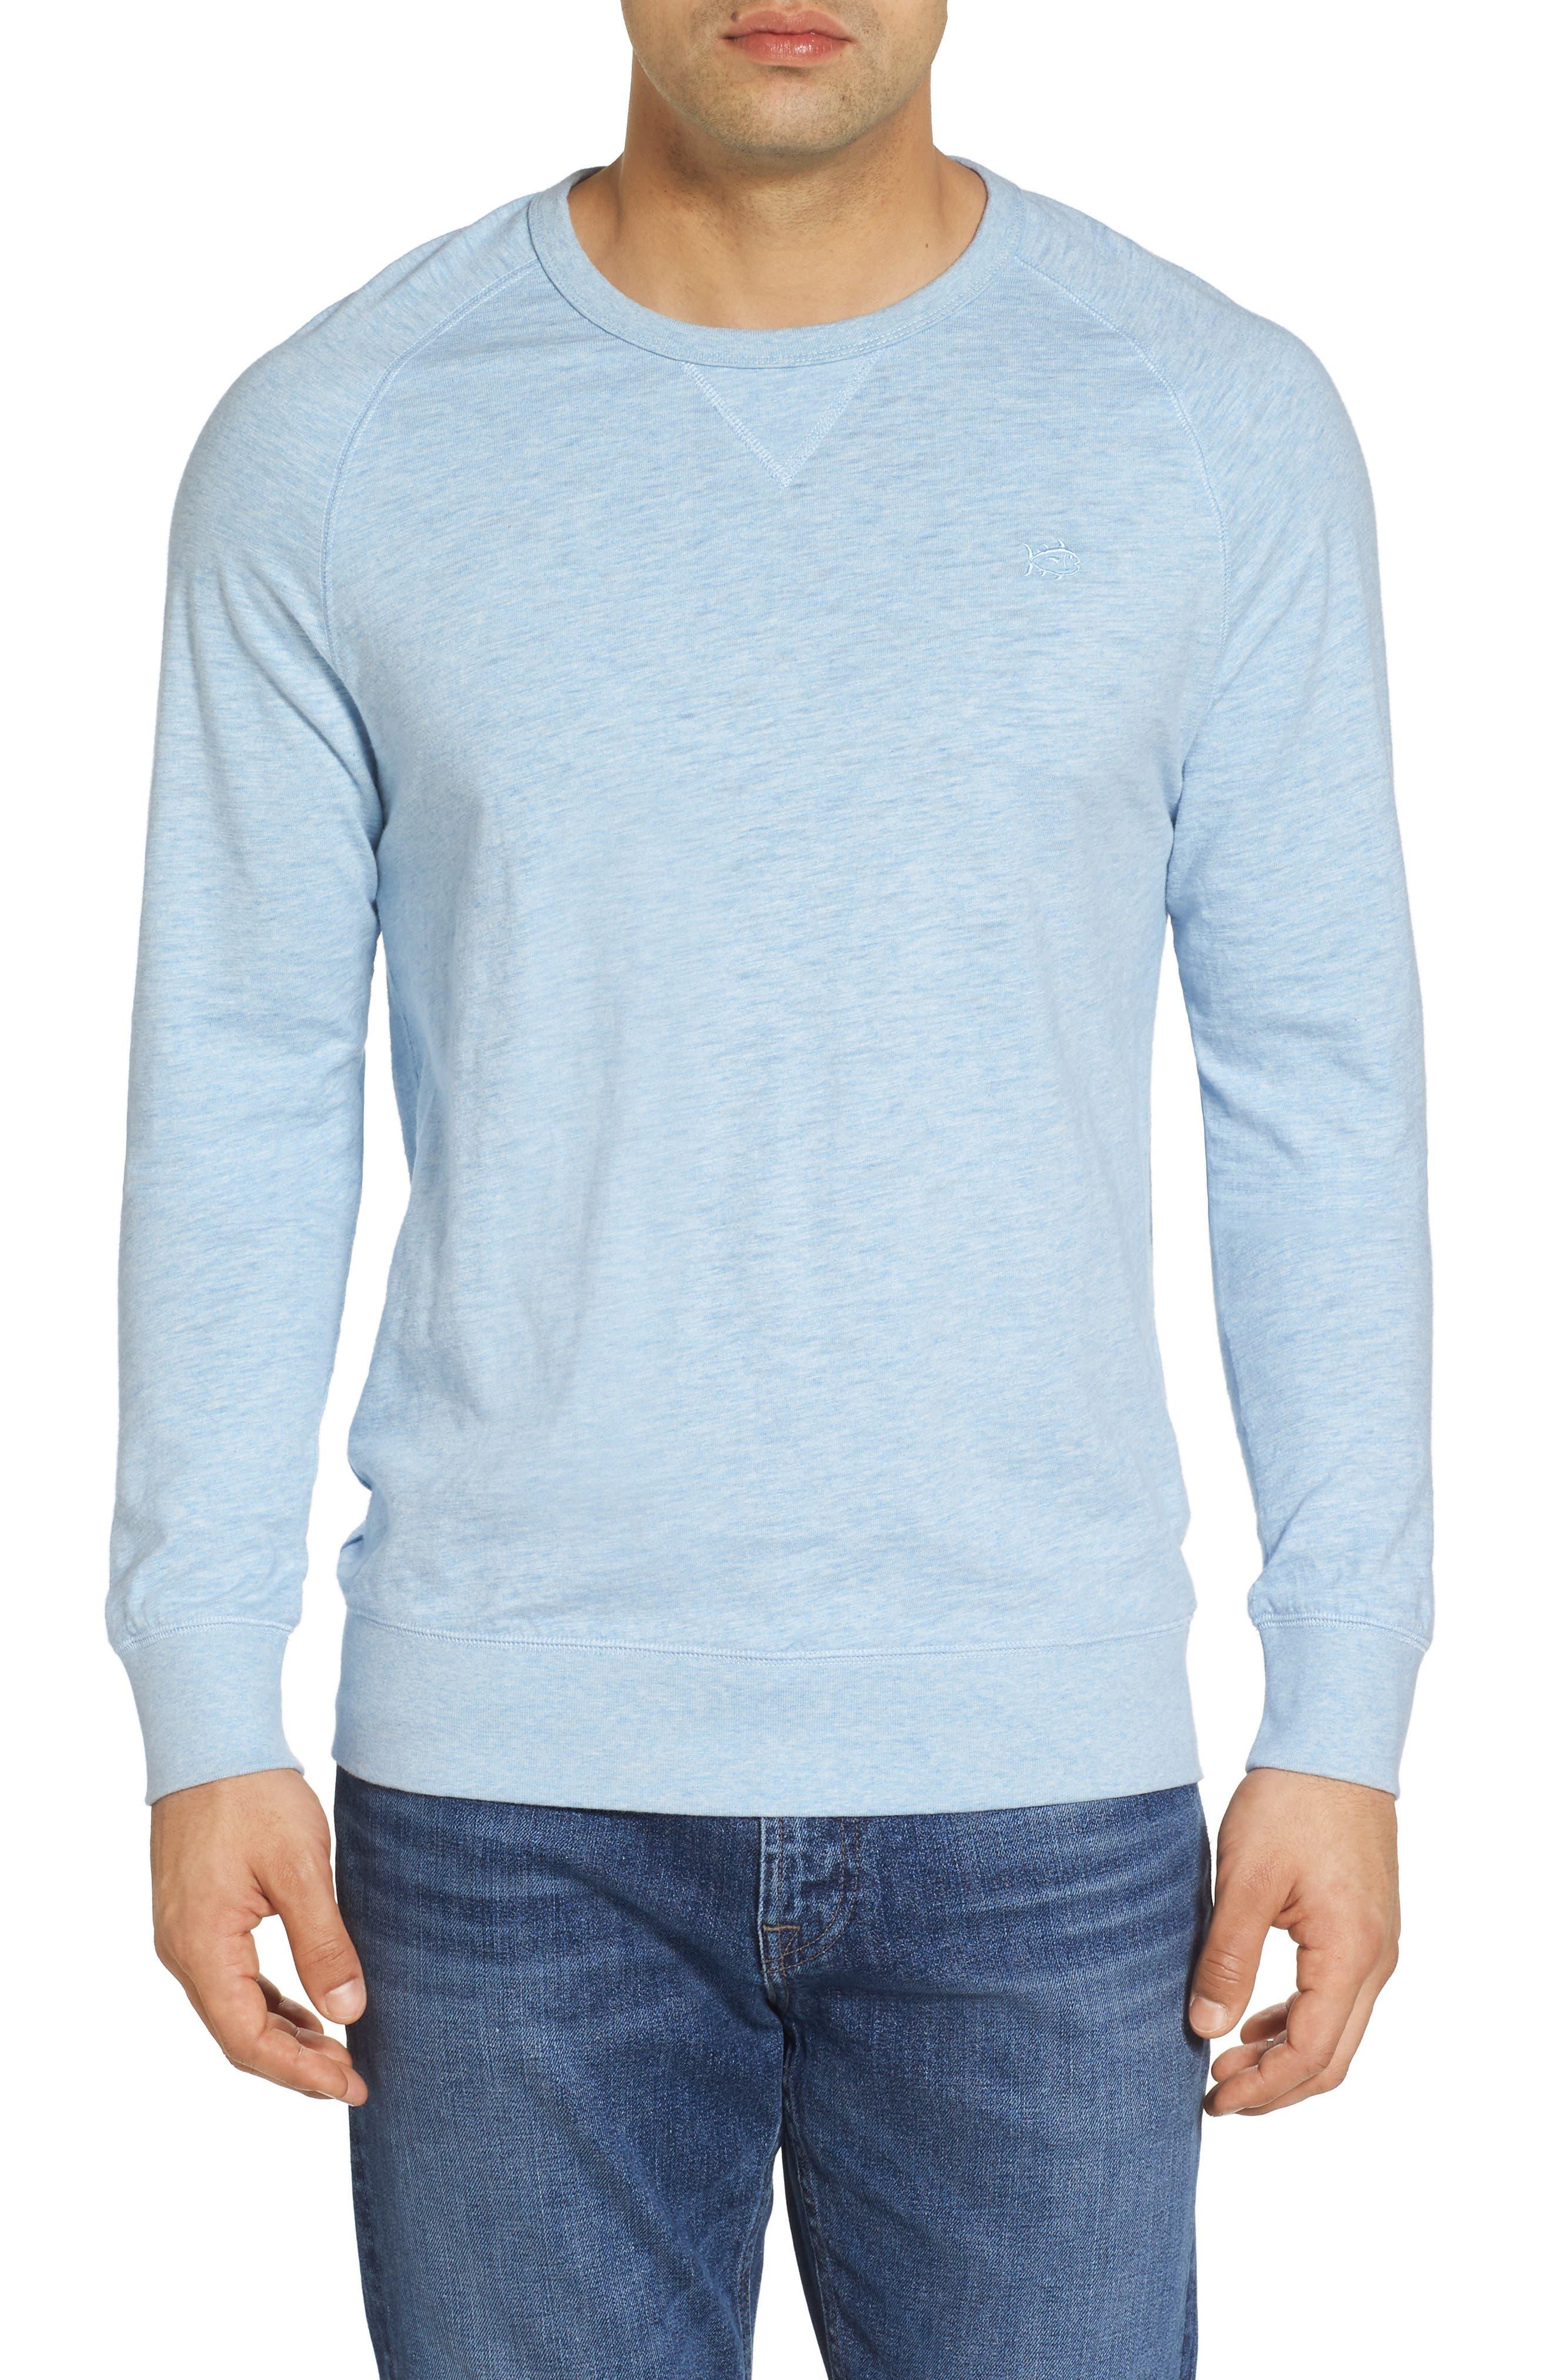 Southern Tide Ocean Course Crewneck Sweatshirt